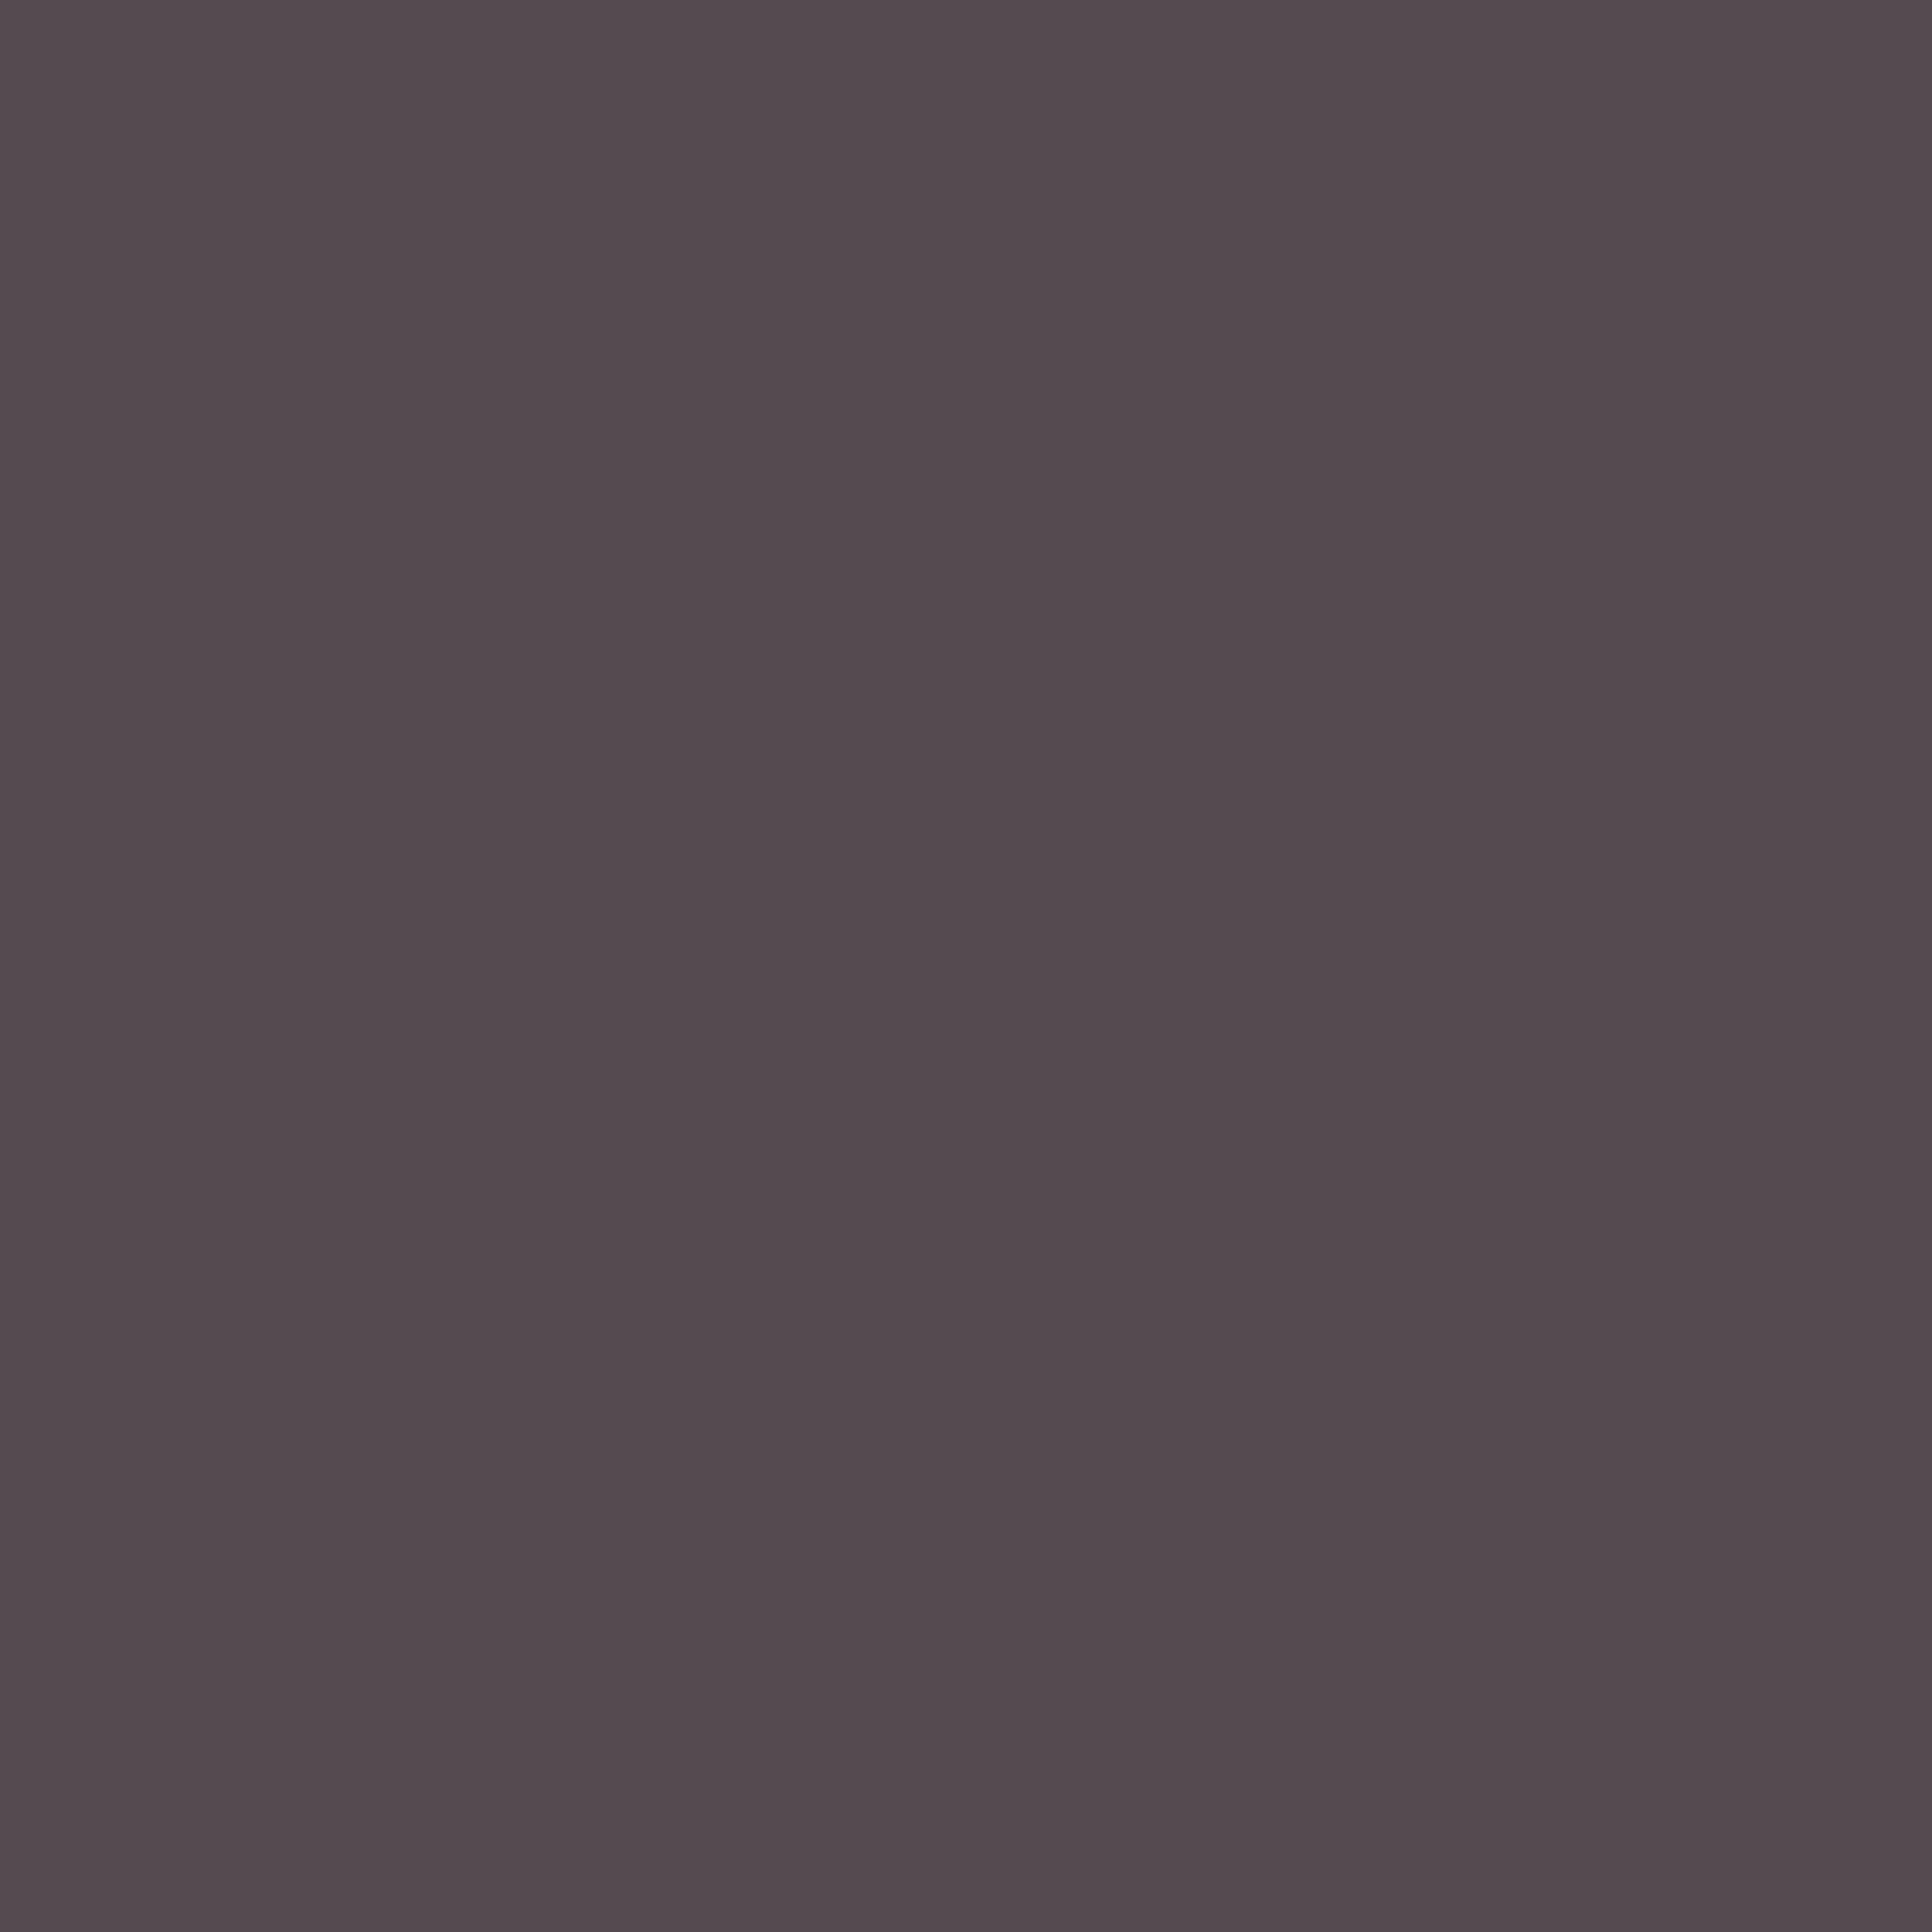 2048x2048 Dark Liver Solid Color Background